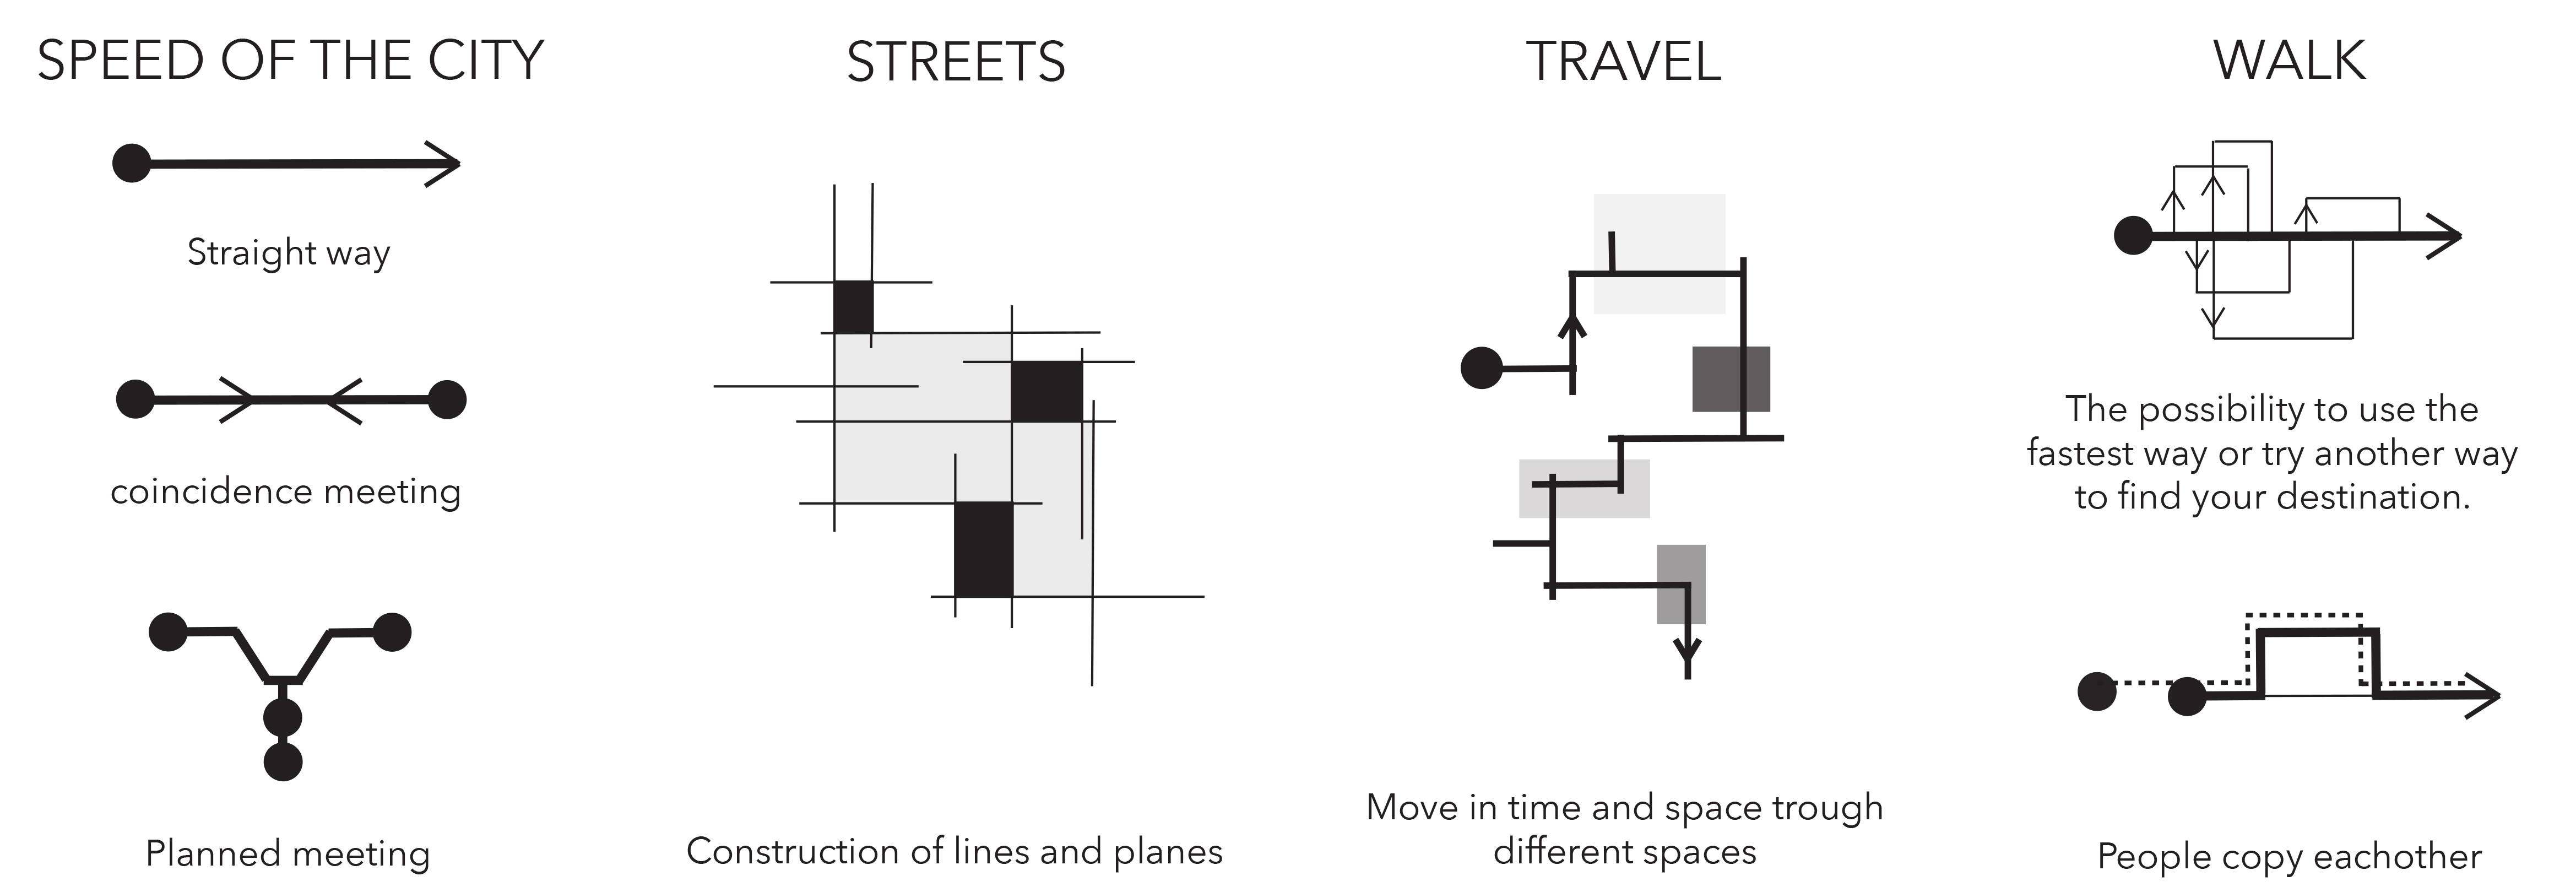 Interaction between people and space | Mireille Langedijk